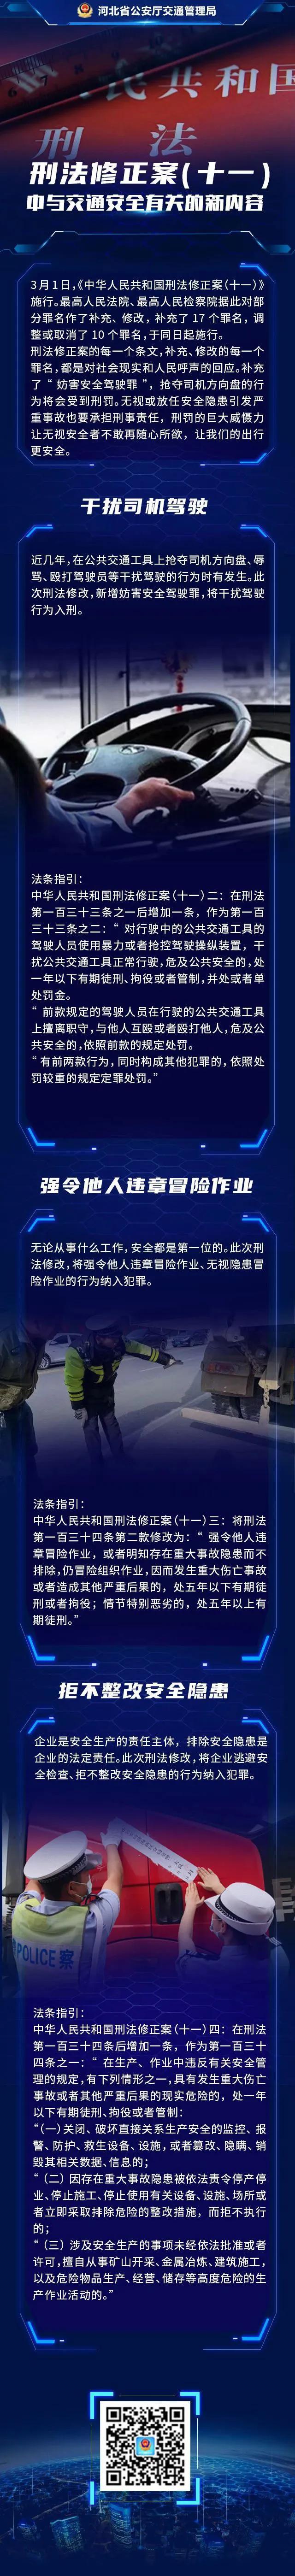 3月1日起,这些与交通有关的违法行为将被追刑